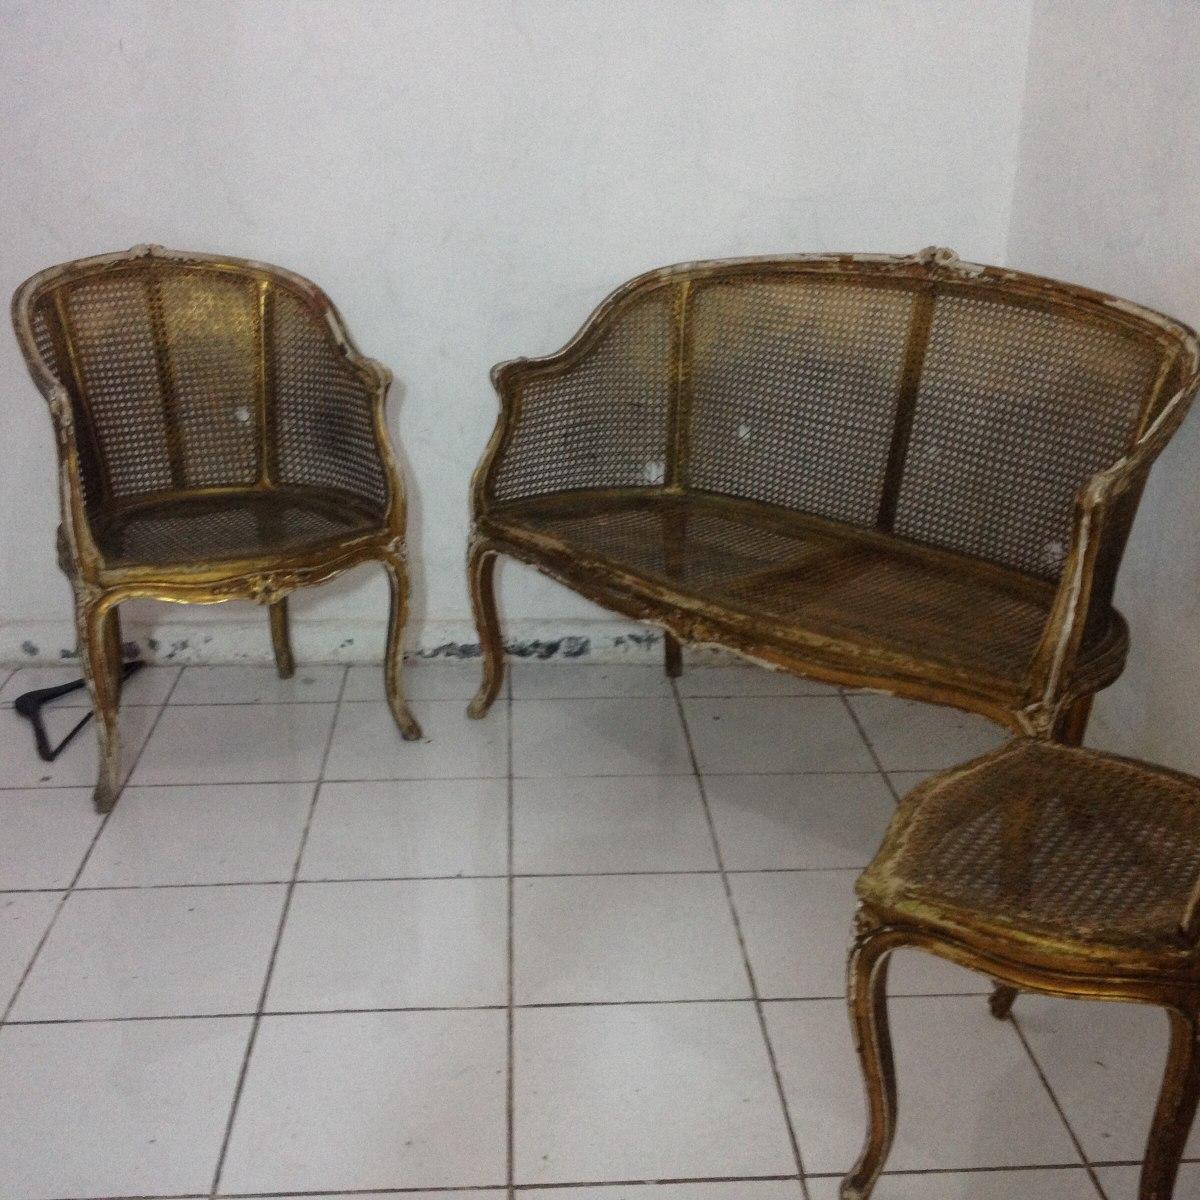 Antigua Sala Austriaca Con Bejuco 20 000 00 En Mercado Libre # Muebles De Bejuco